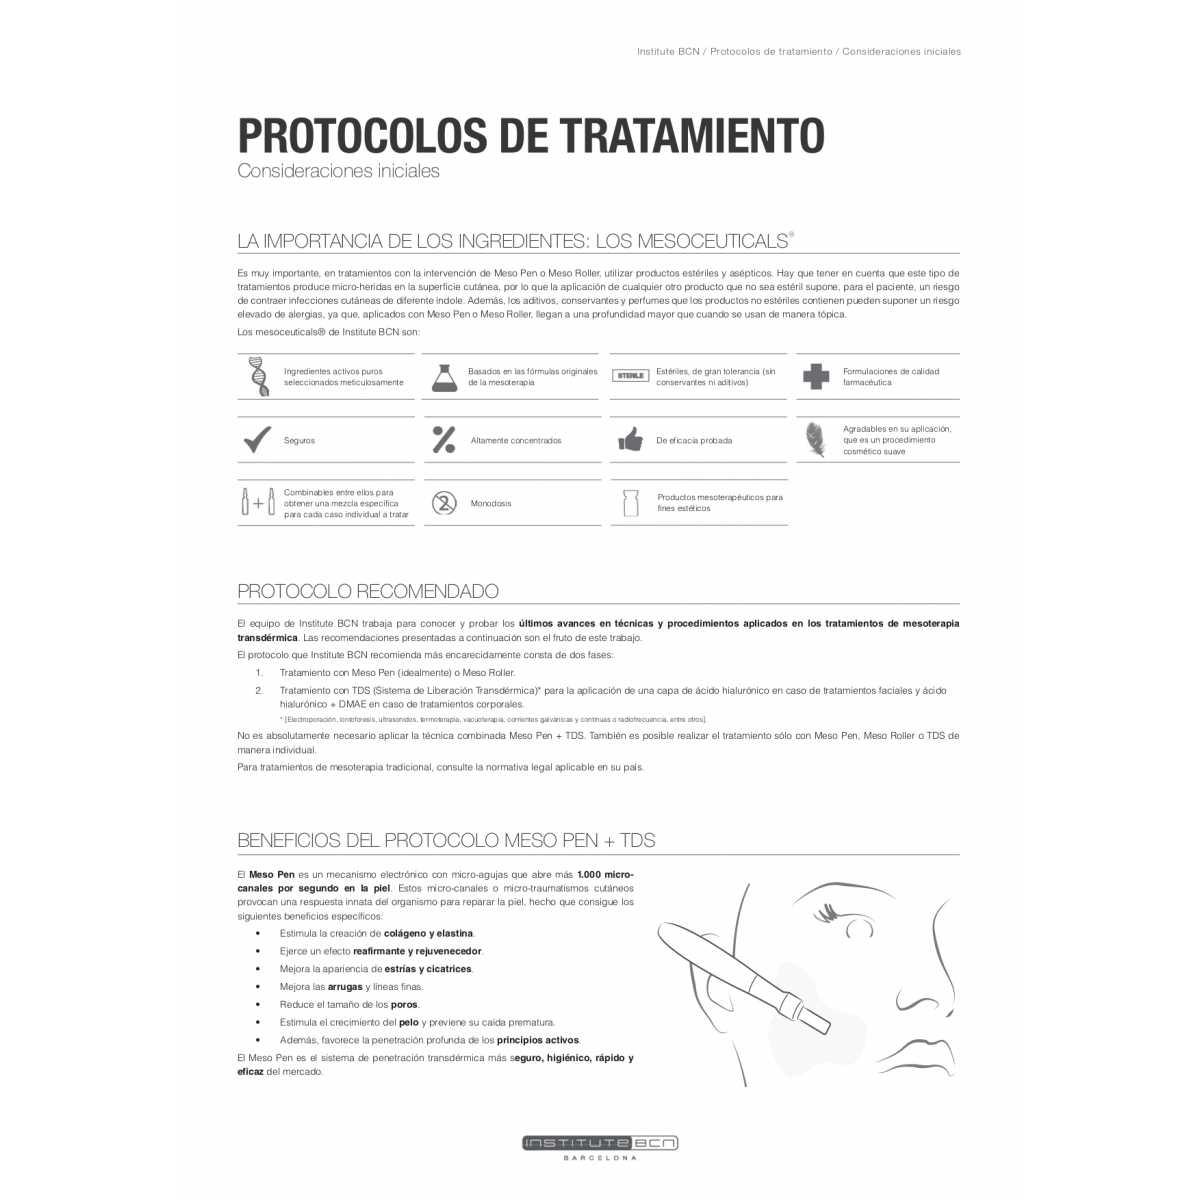 Pack Anti-Invecchiamento - BCN Pack - Institute BCN Packs